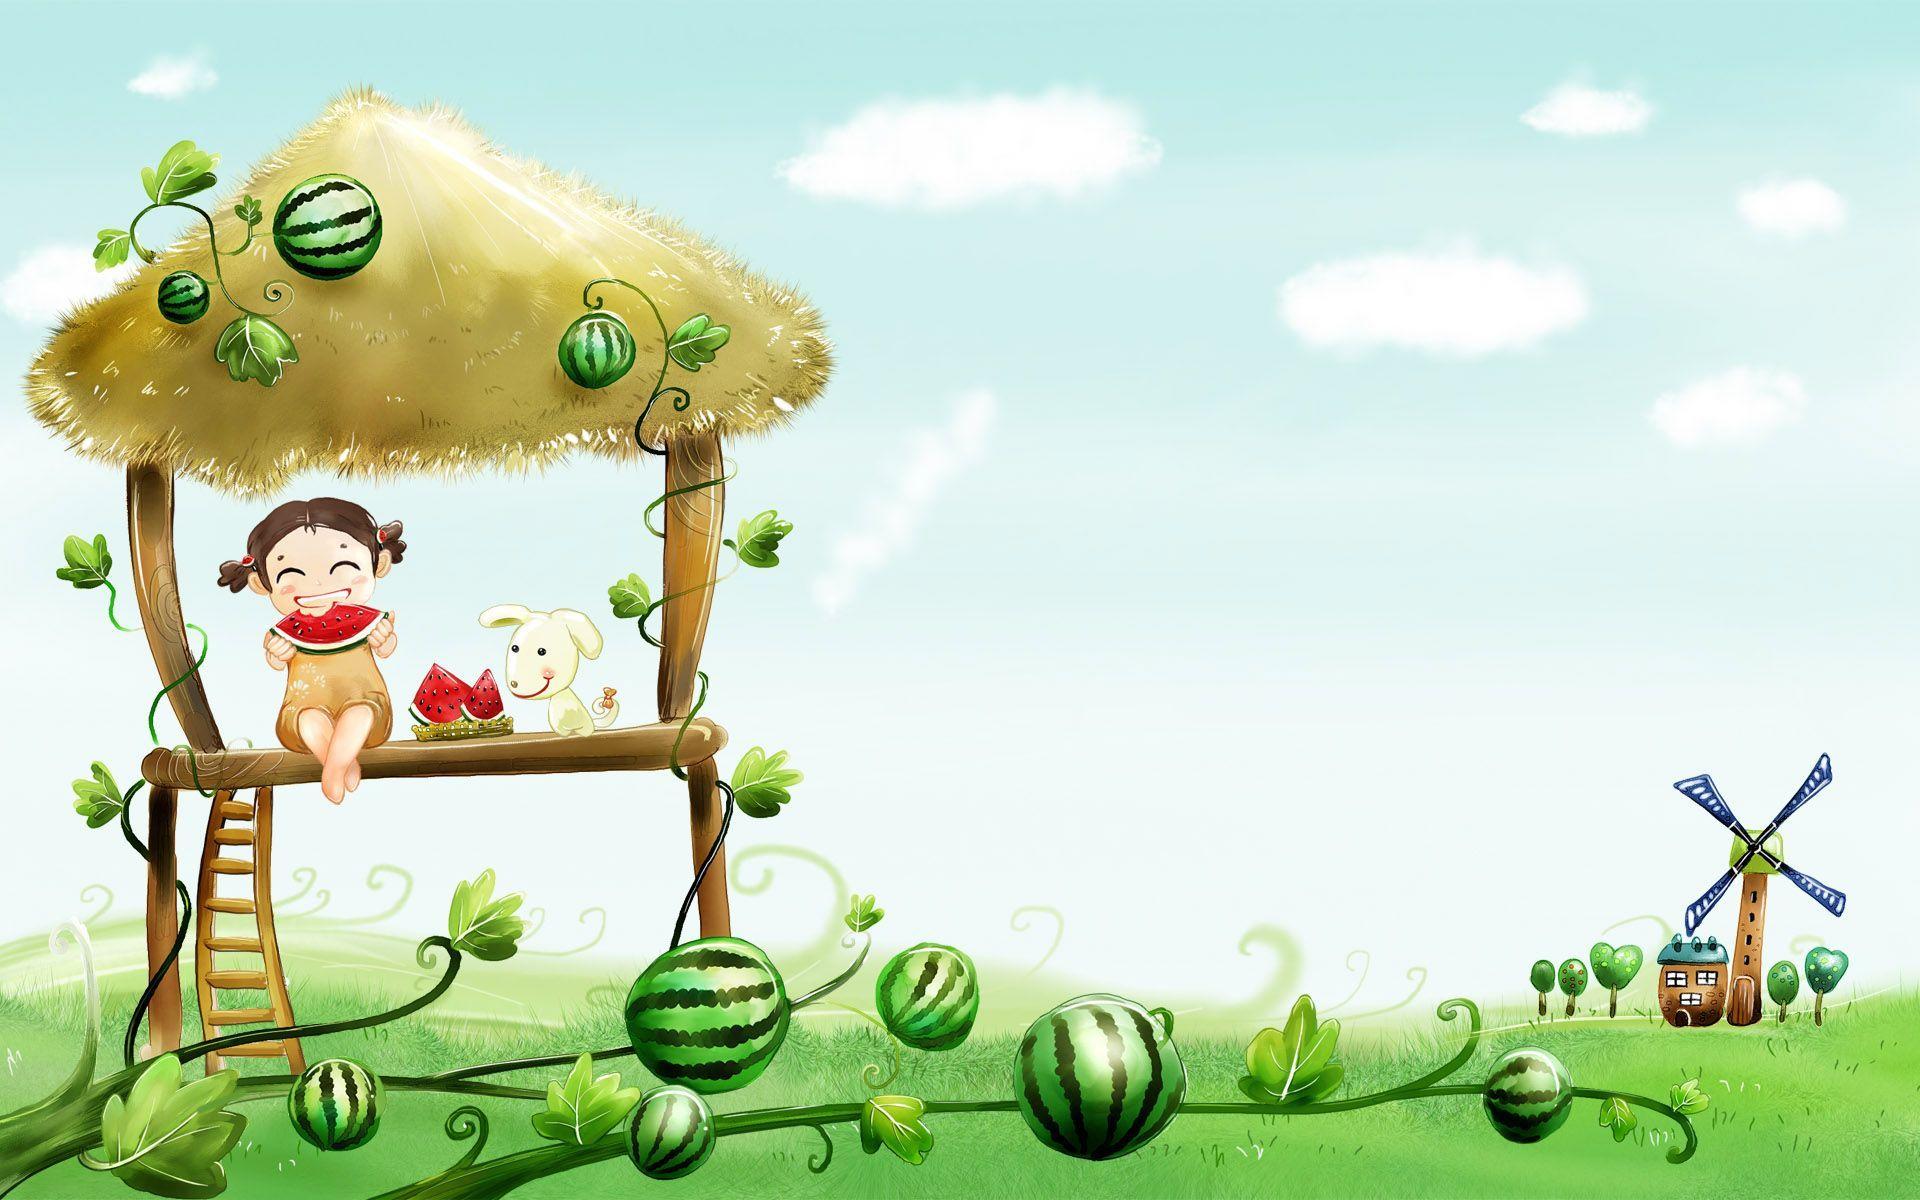 Cute Cartoon Wallpapers Ahd Images Cartoon Wallpaper Hd Cartoon Wallpaper Cute Desktop Wallpaper